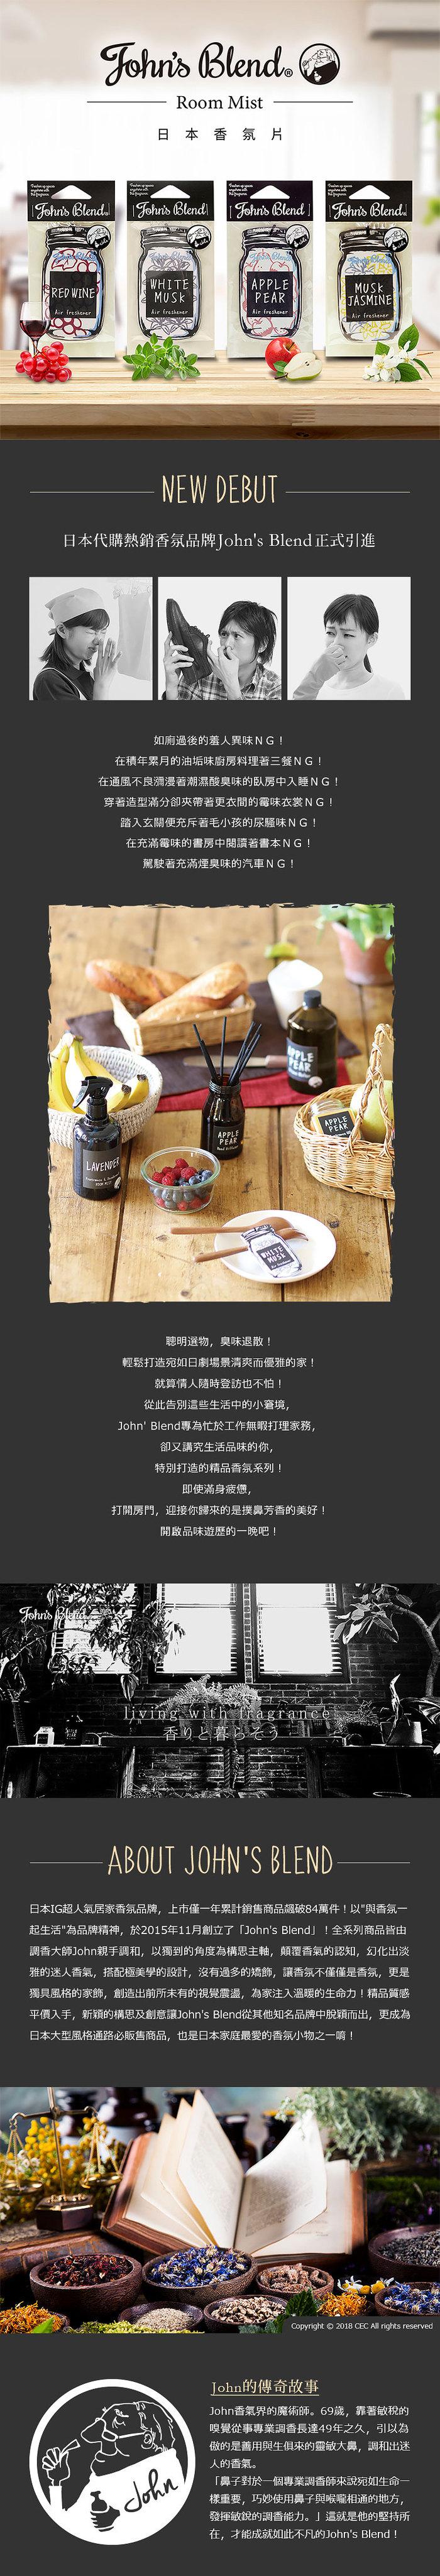 John′s Blend|香氛片綜合組〈經典白麝香+清甜蘋果梨+夢幻麝香茉莉+情調紅酒香〉